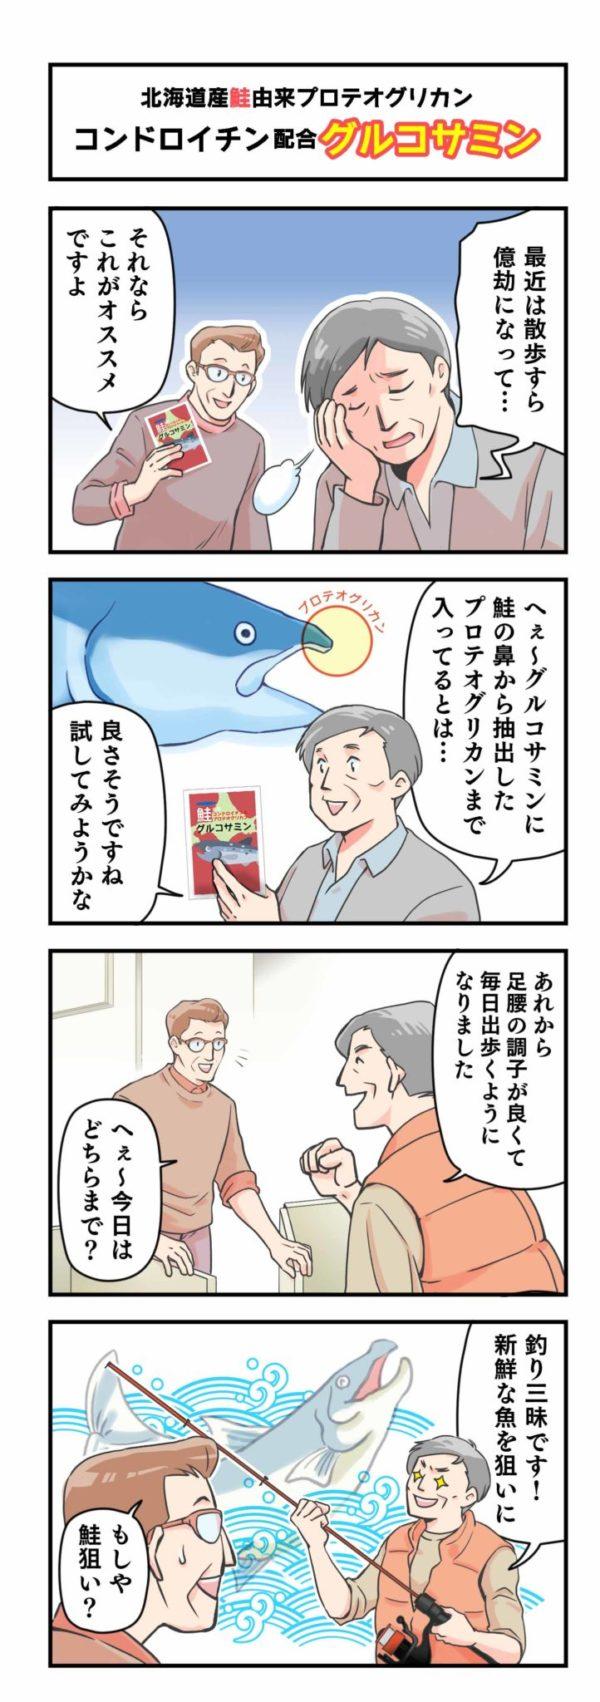 「北海道産鮭由来コンドロイチン&グルコサミン」商品紹介4コマ漫画